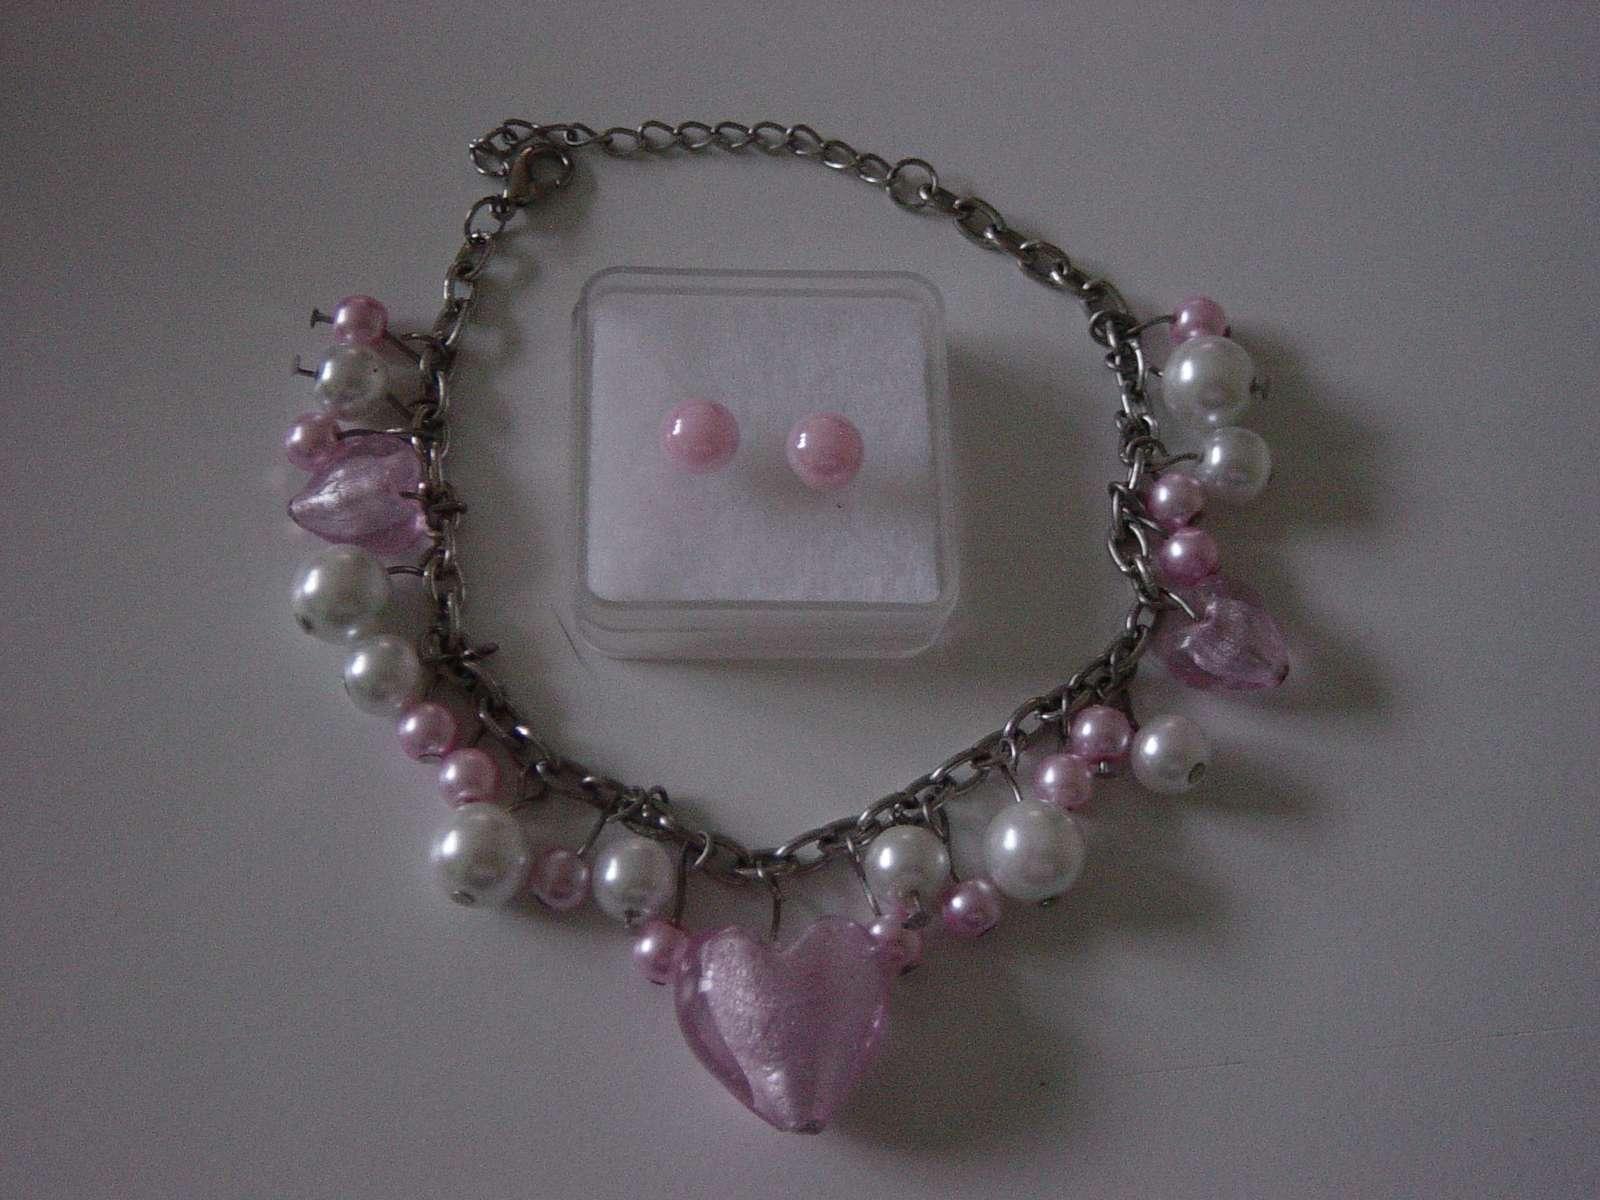 2 radový náhrdelník z ružových perličiek - Obrázok č. 4